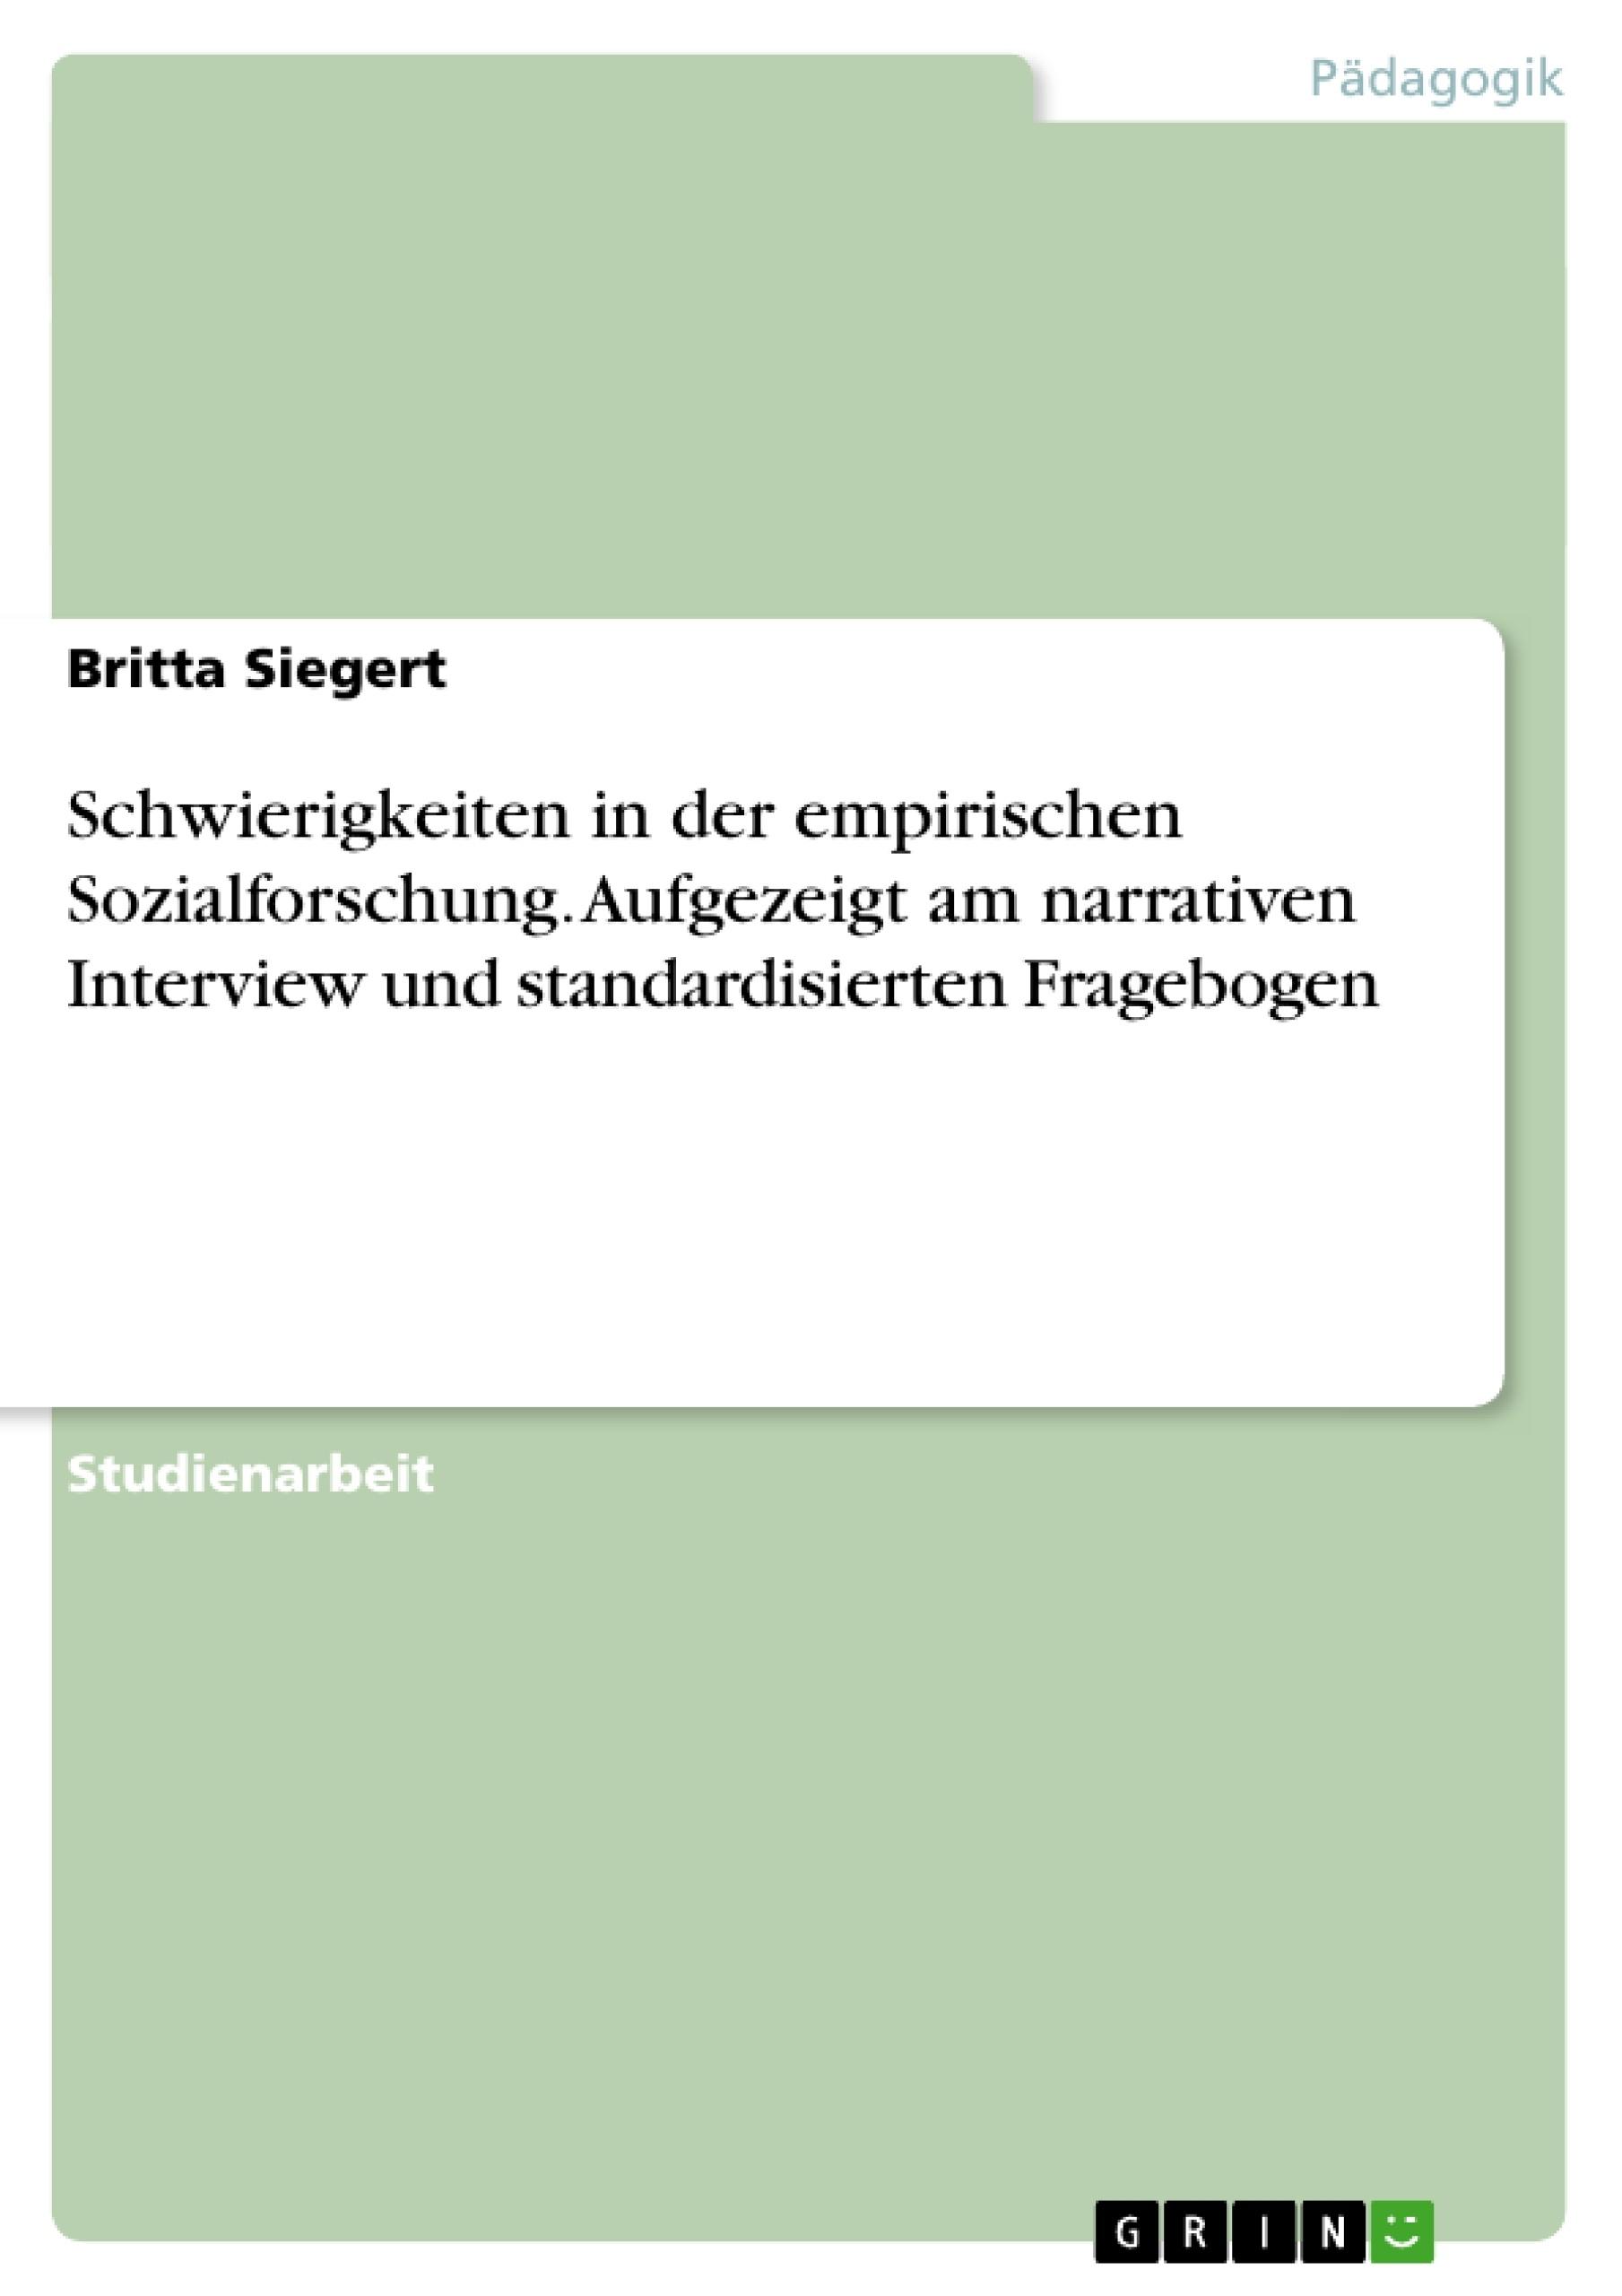 Titel: Schwierigkeiten in der empirischen Sozialforschung. Aufgezeigt am narrativen Interview und standardisierten Fragebogen